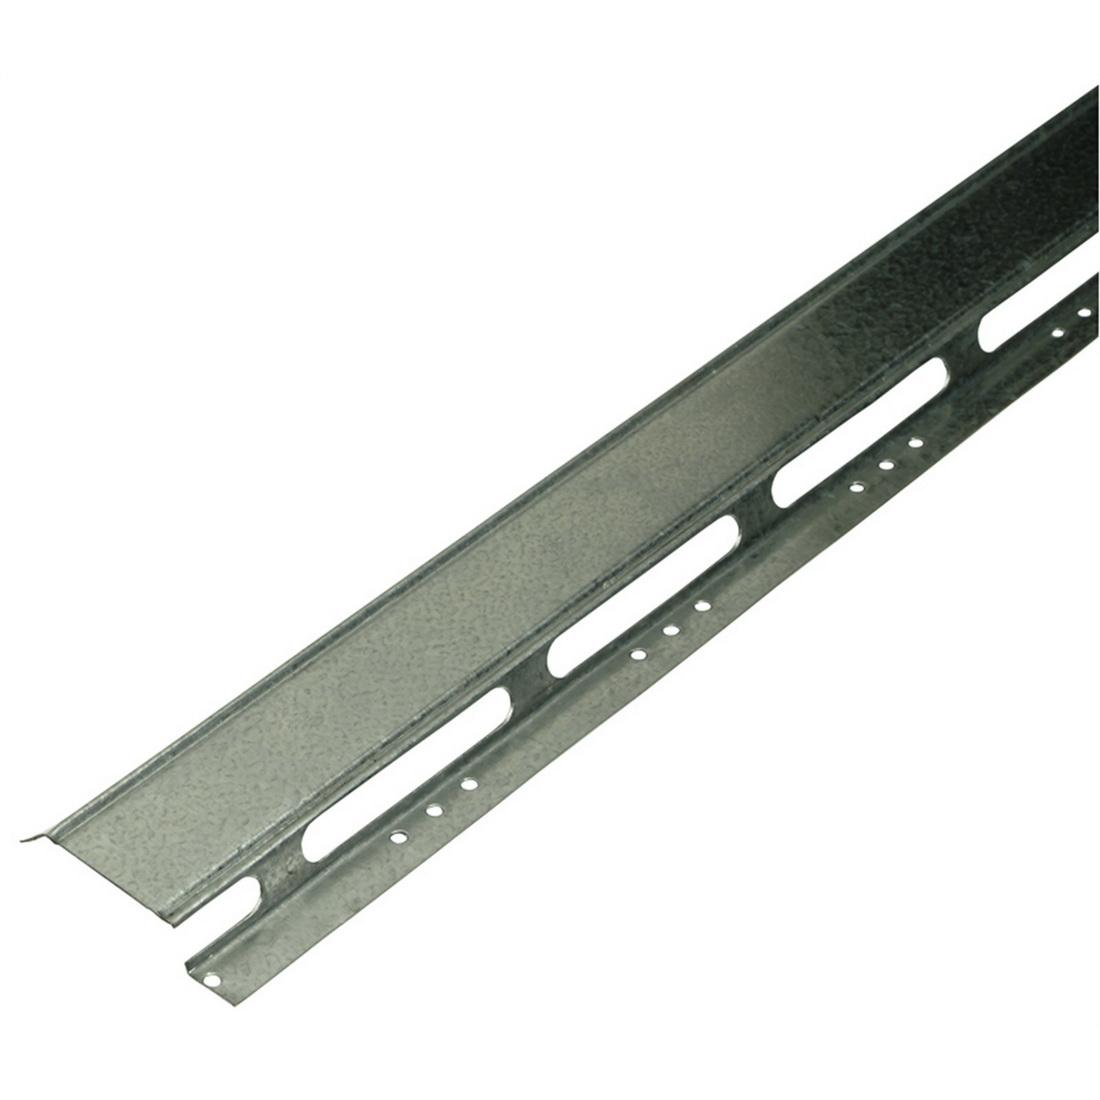 Rail Control Rail 3000mm x 68mm x 80mm Silver